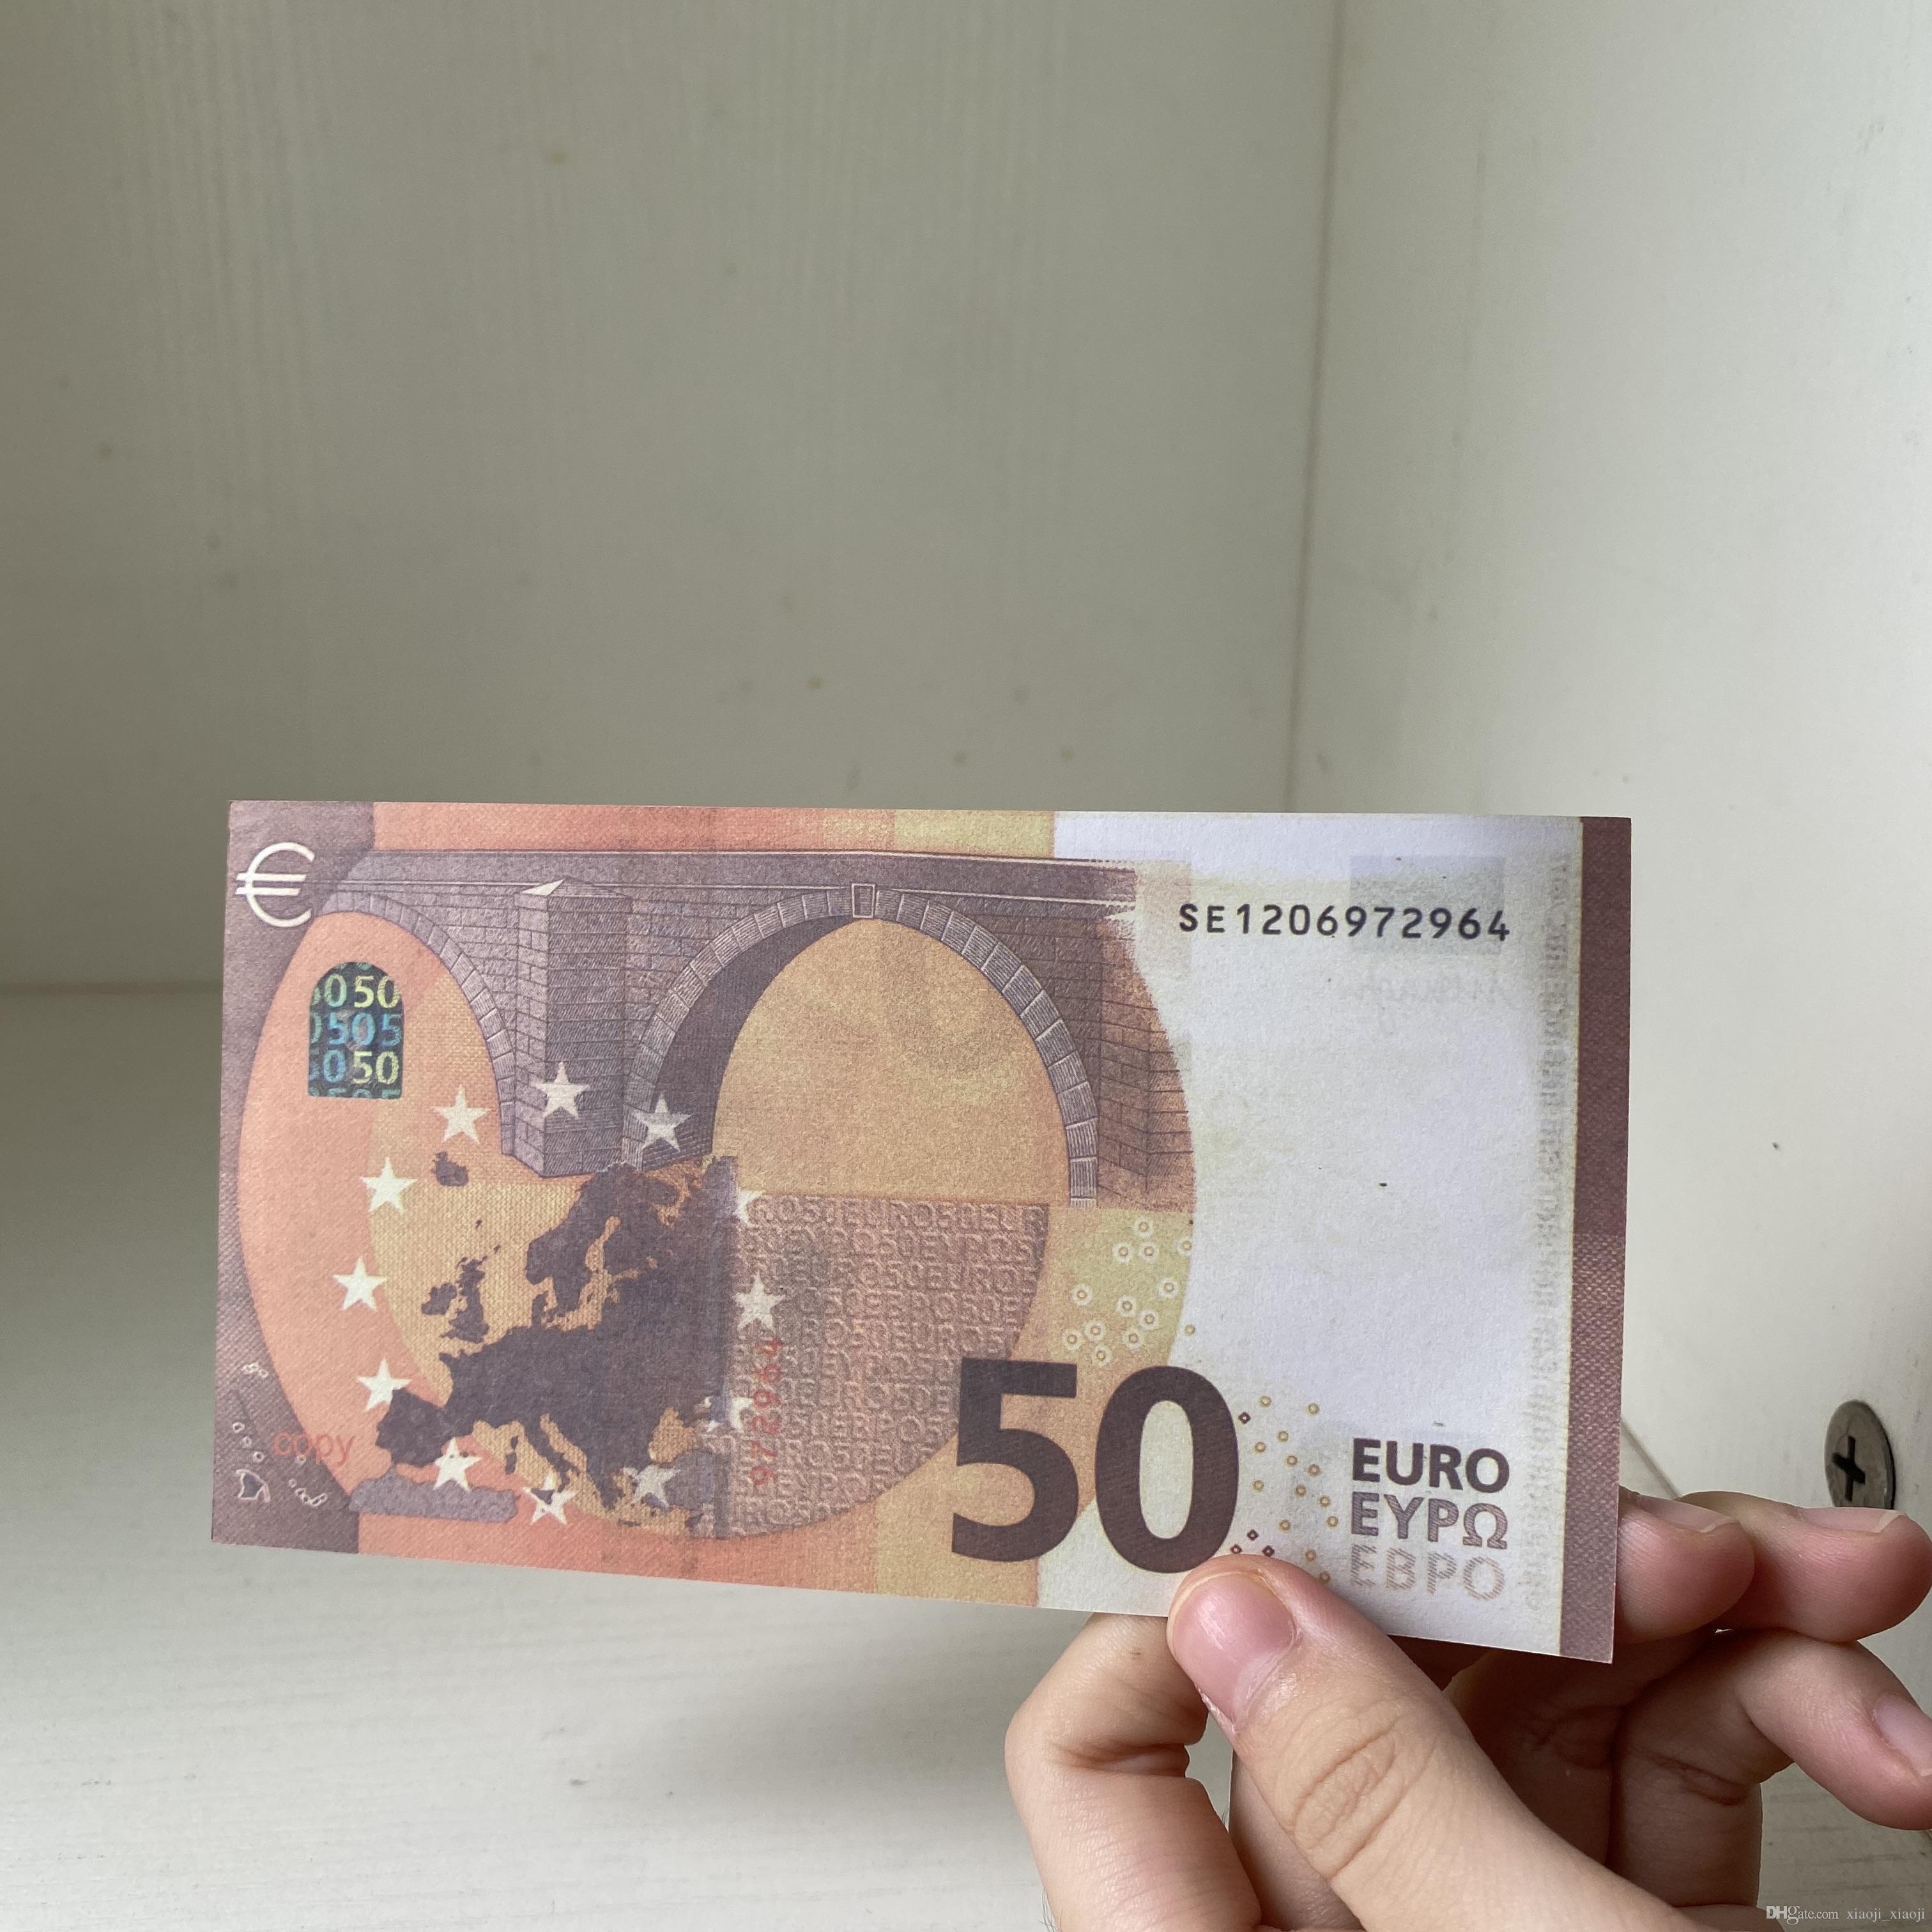 Münzmünze Requisiten Fake Bar Spielzeug Bar Banknote und Requisite-Praxis Fernseher Geld Film Schießen Spiel Token074 Xaokd